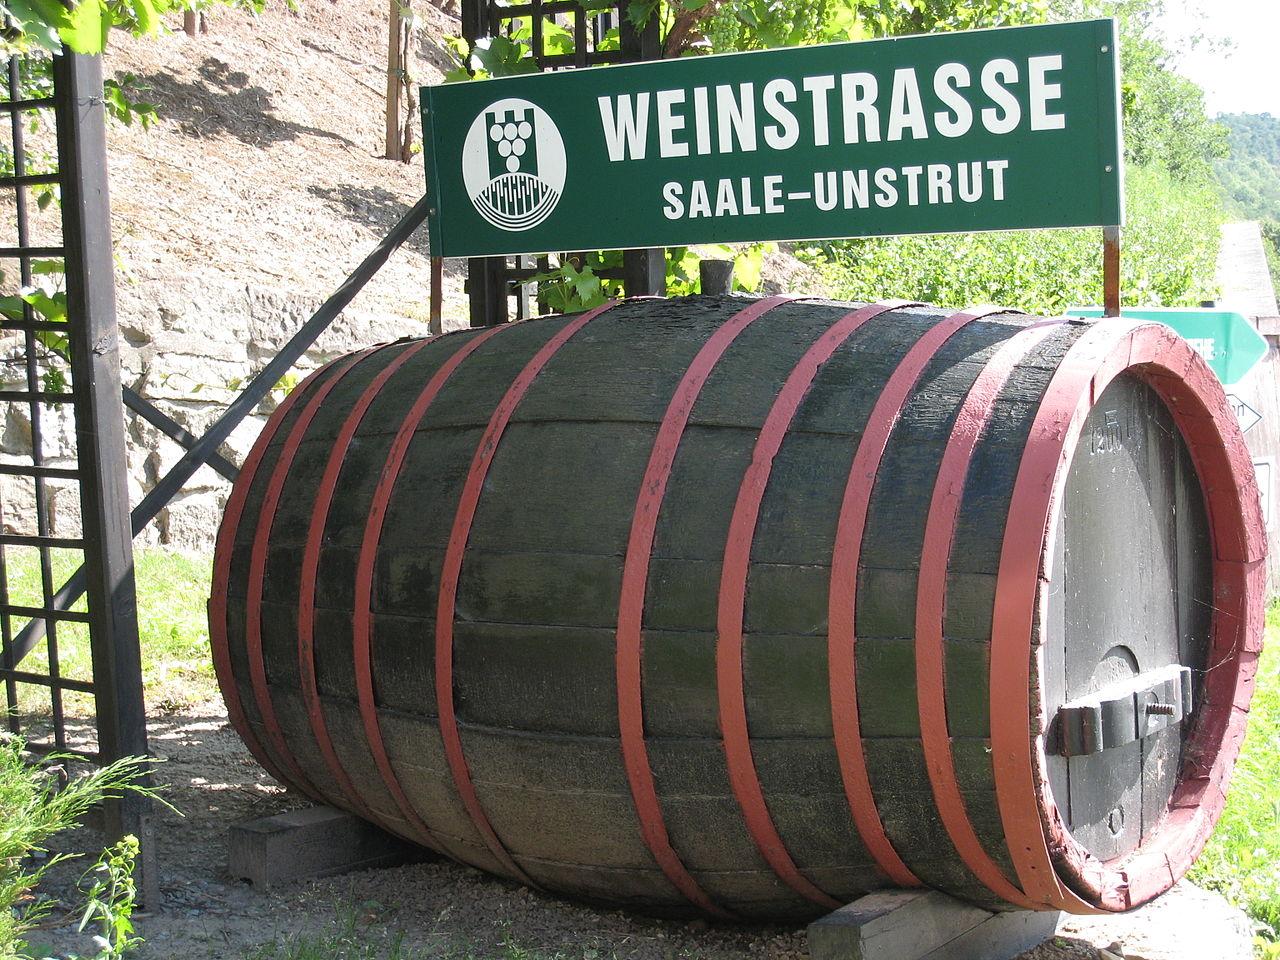 Заале-Унструт, Германия: что посмотеть и чем заняться, где вкусно поесть, отзывы туристов